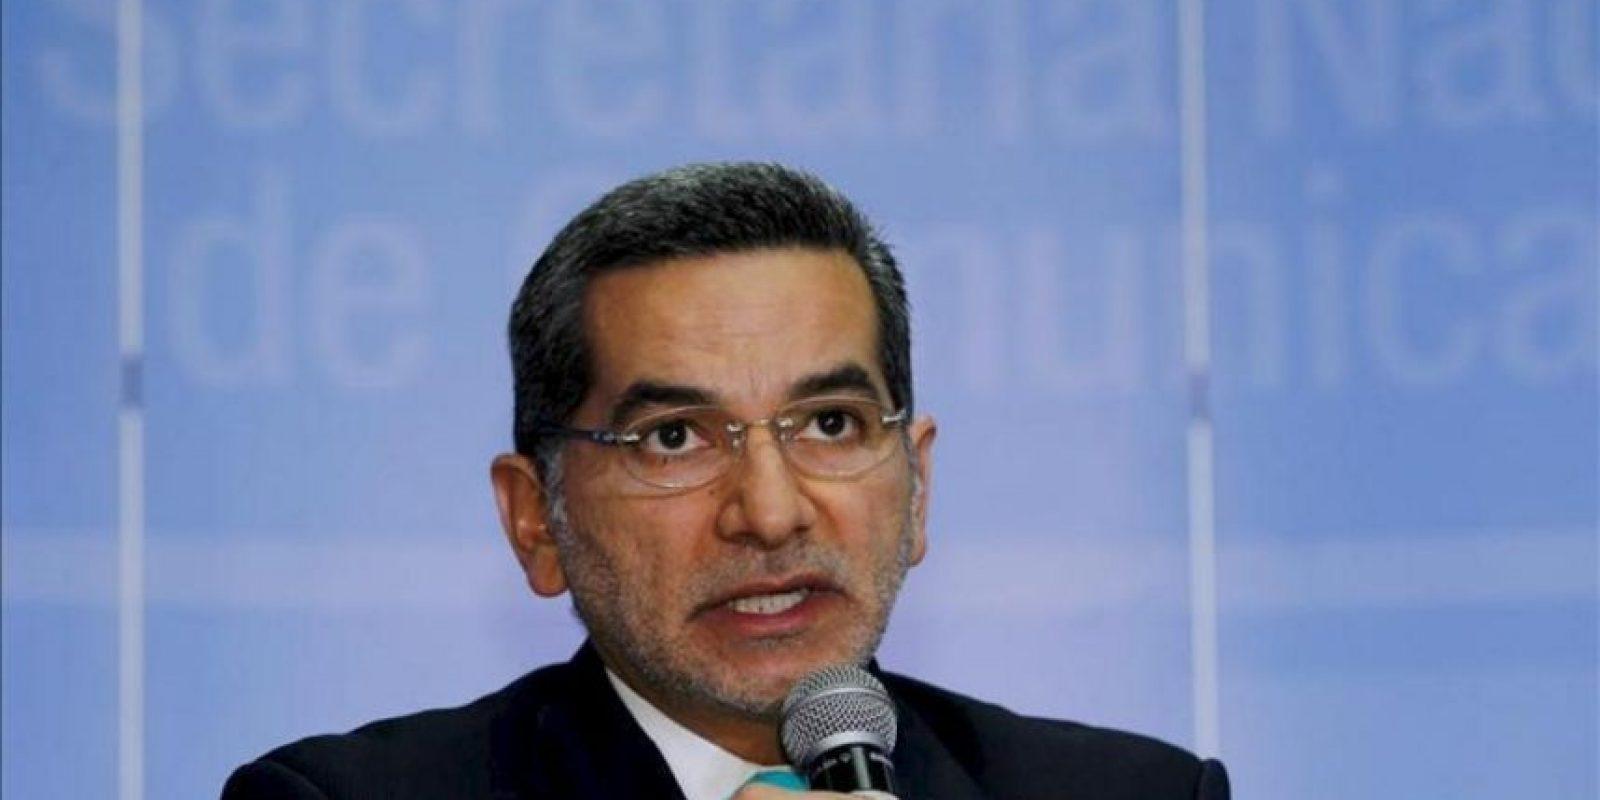 El secretario de Comunicación, Fernando Alvarado, anunció durante una rueda de prensa el 27 de junio de 2013, en Quito, Ecuador. EFE